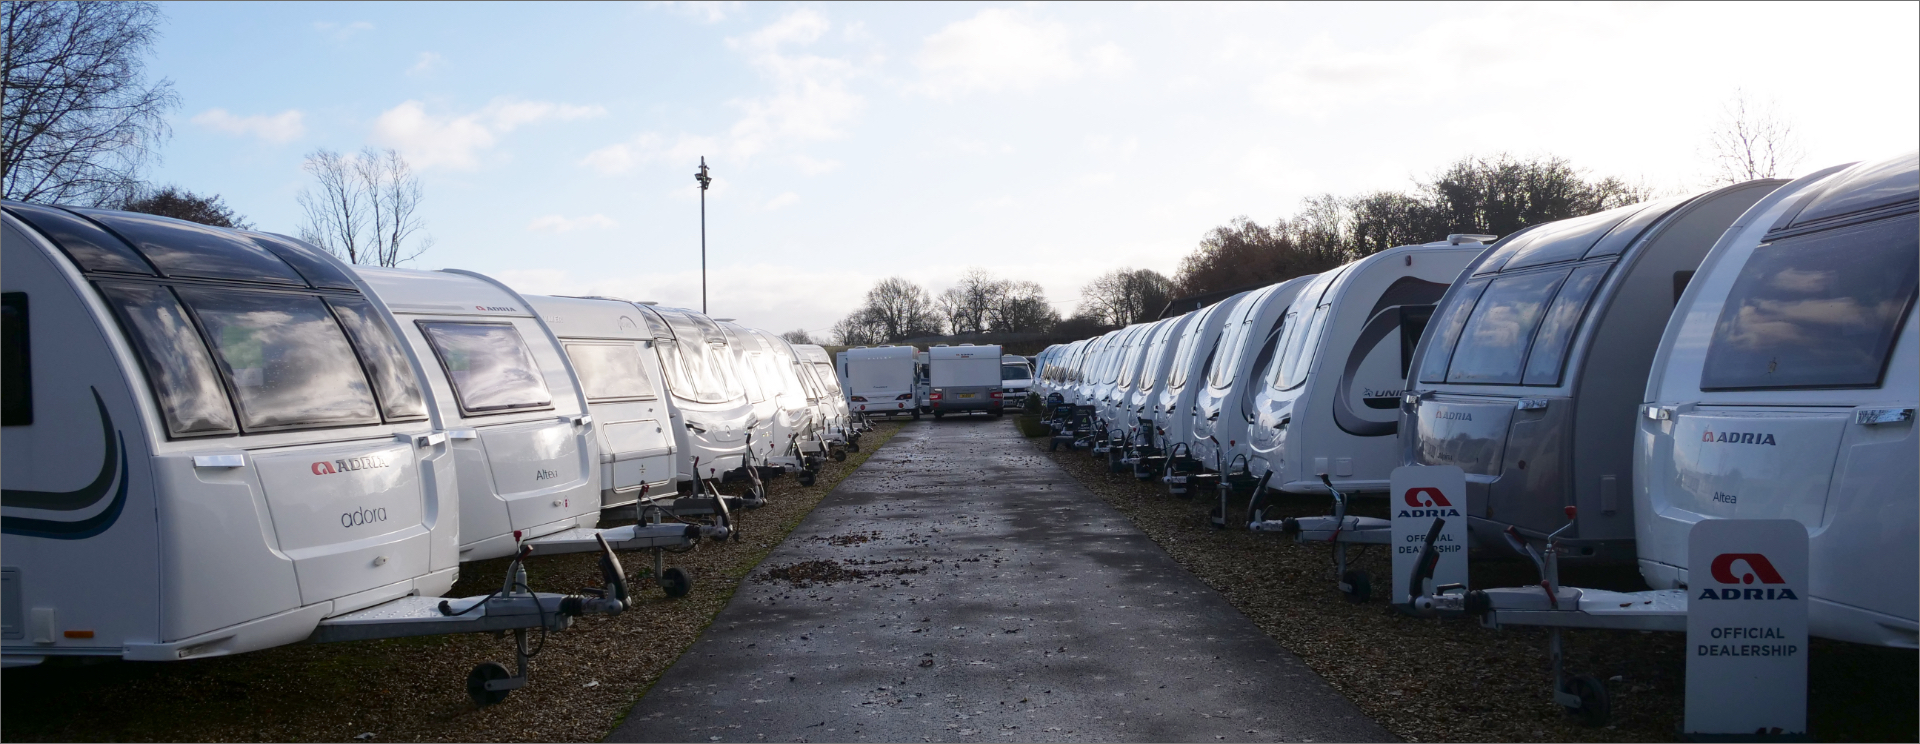 caravan range